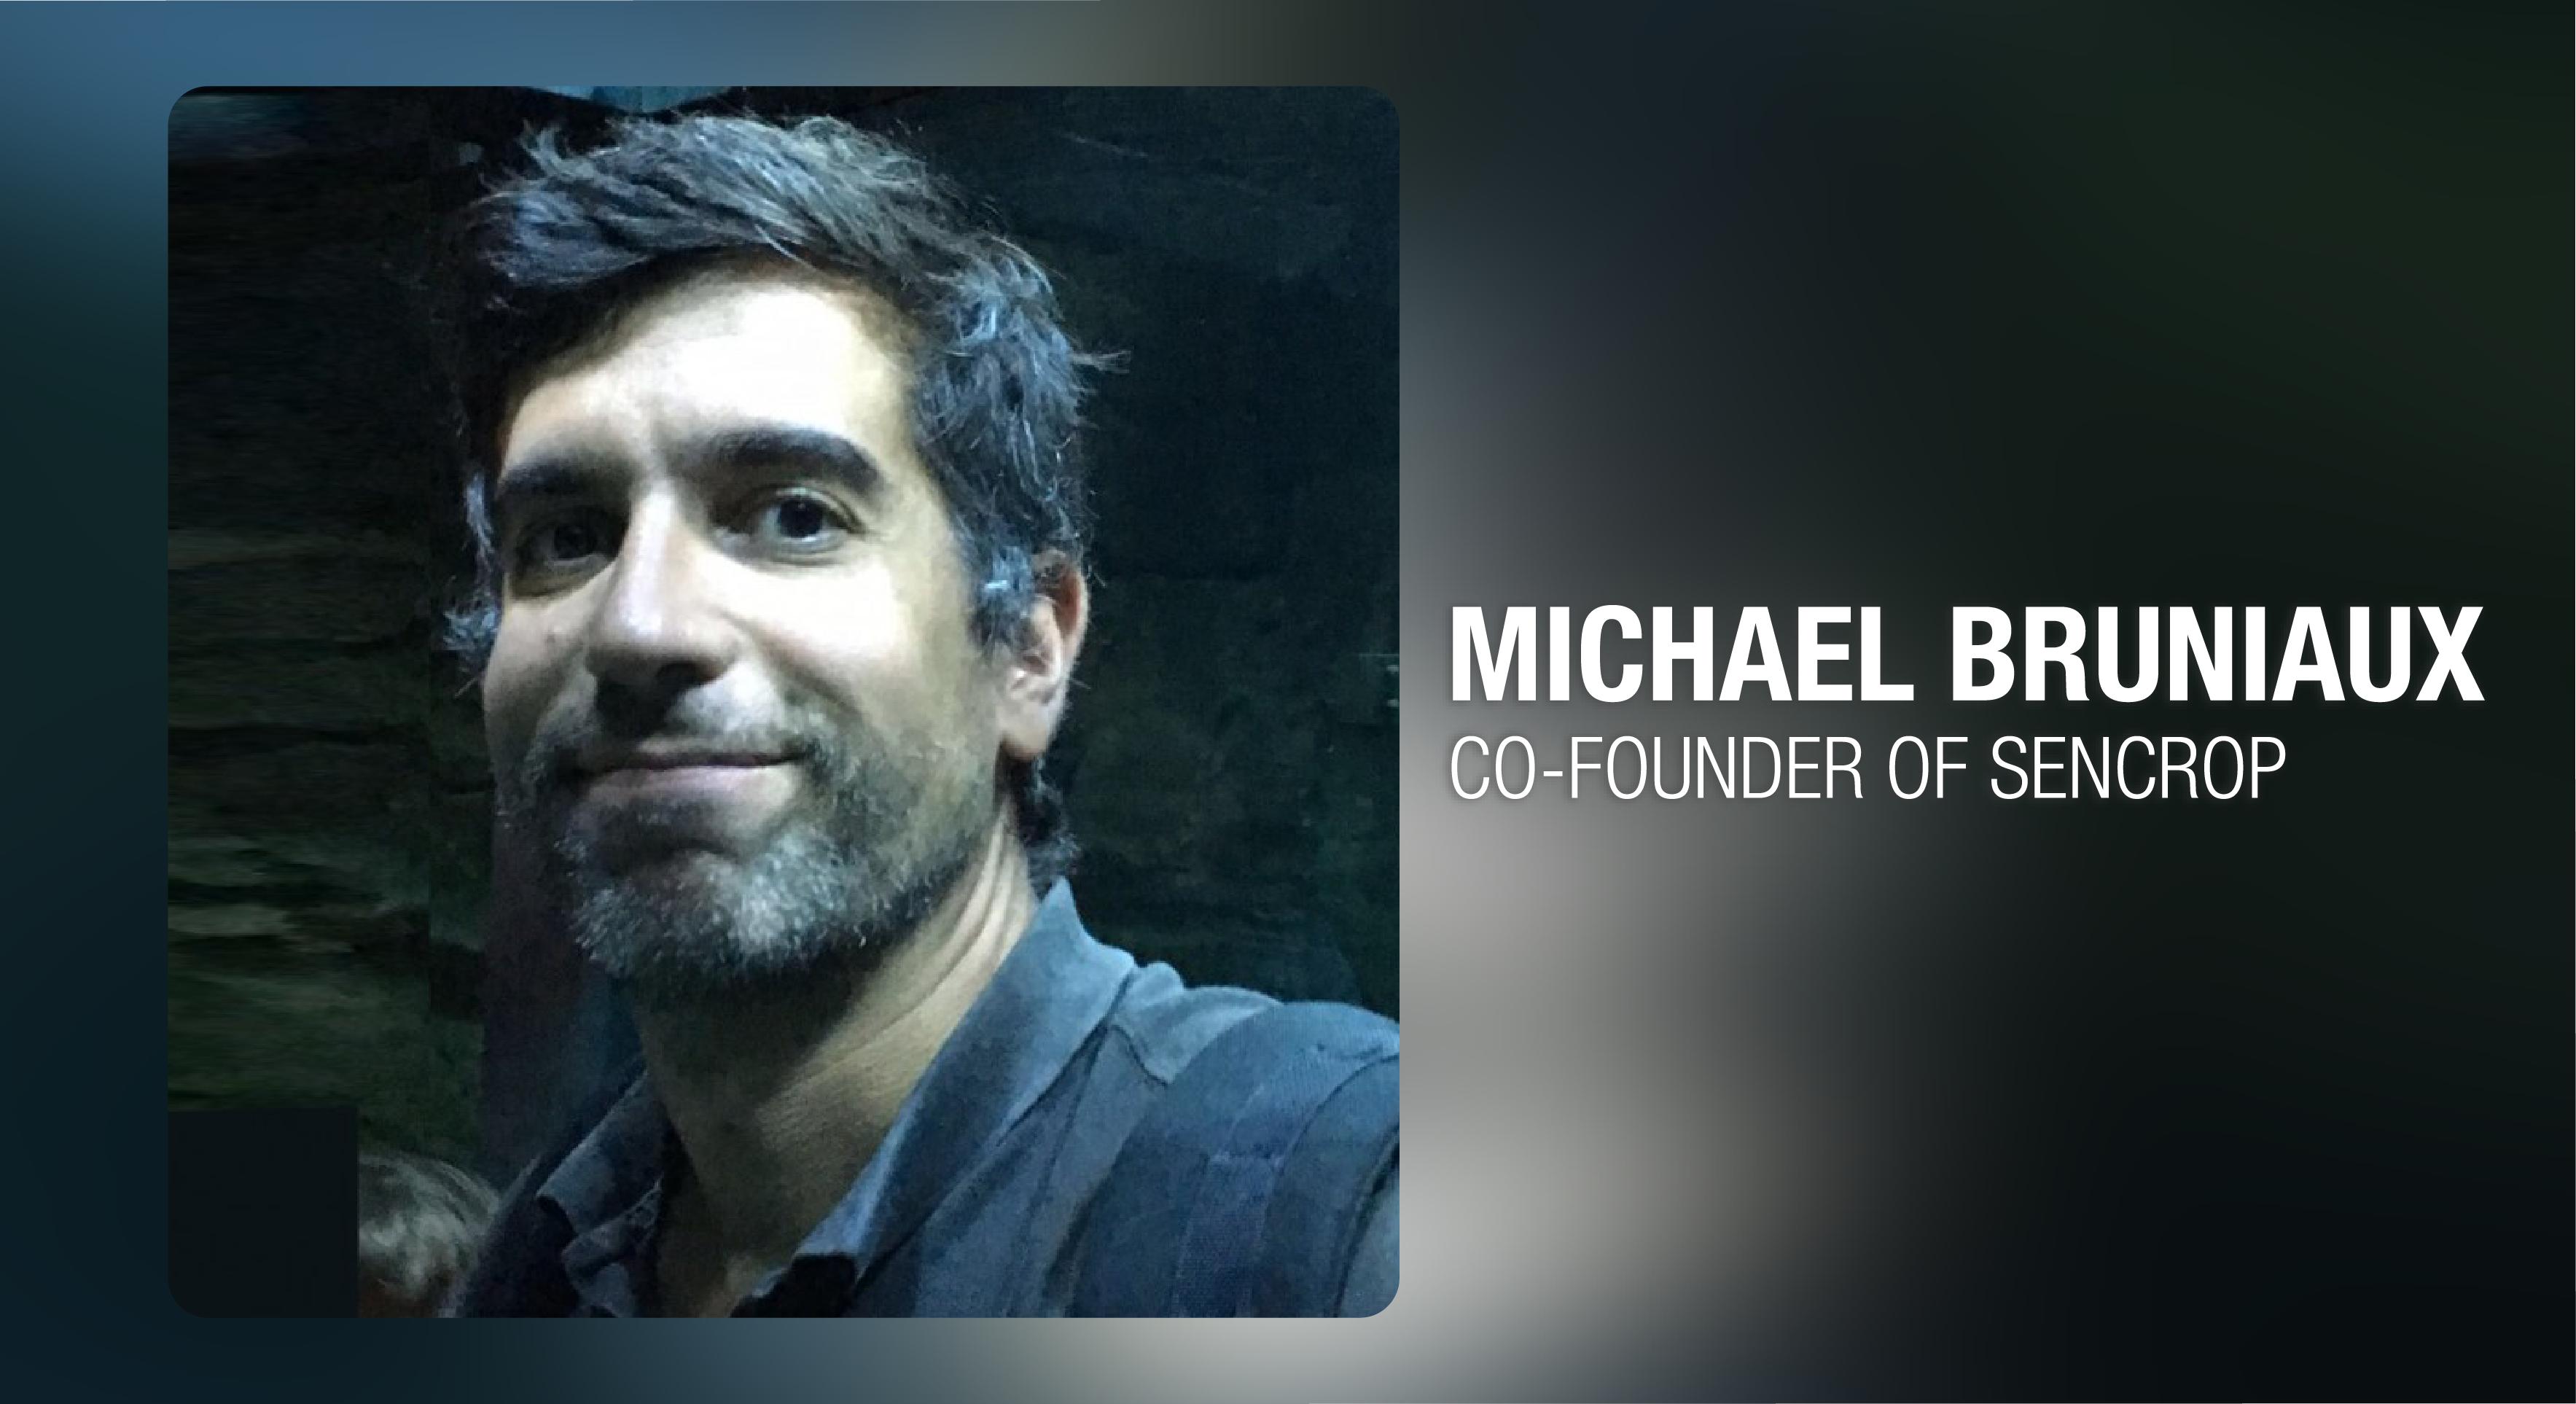 #EntrepeneurPortrait de Sigfox IoT presenta a Michael Bruniaux, Cofundador de Sencrop